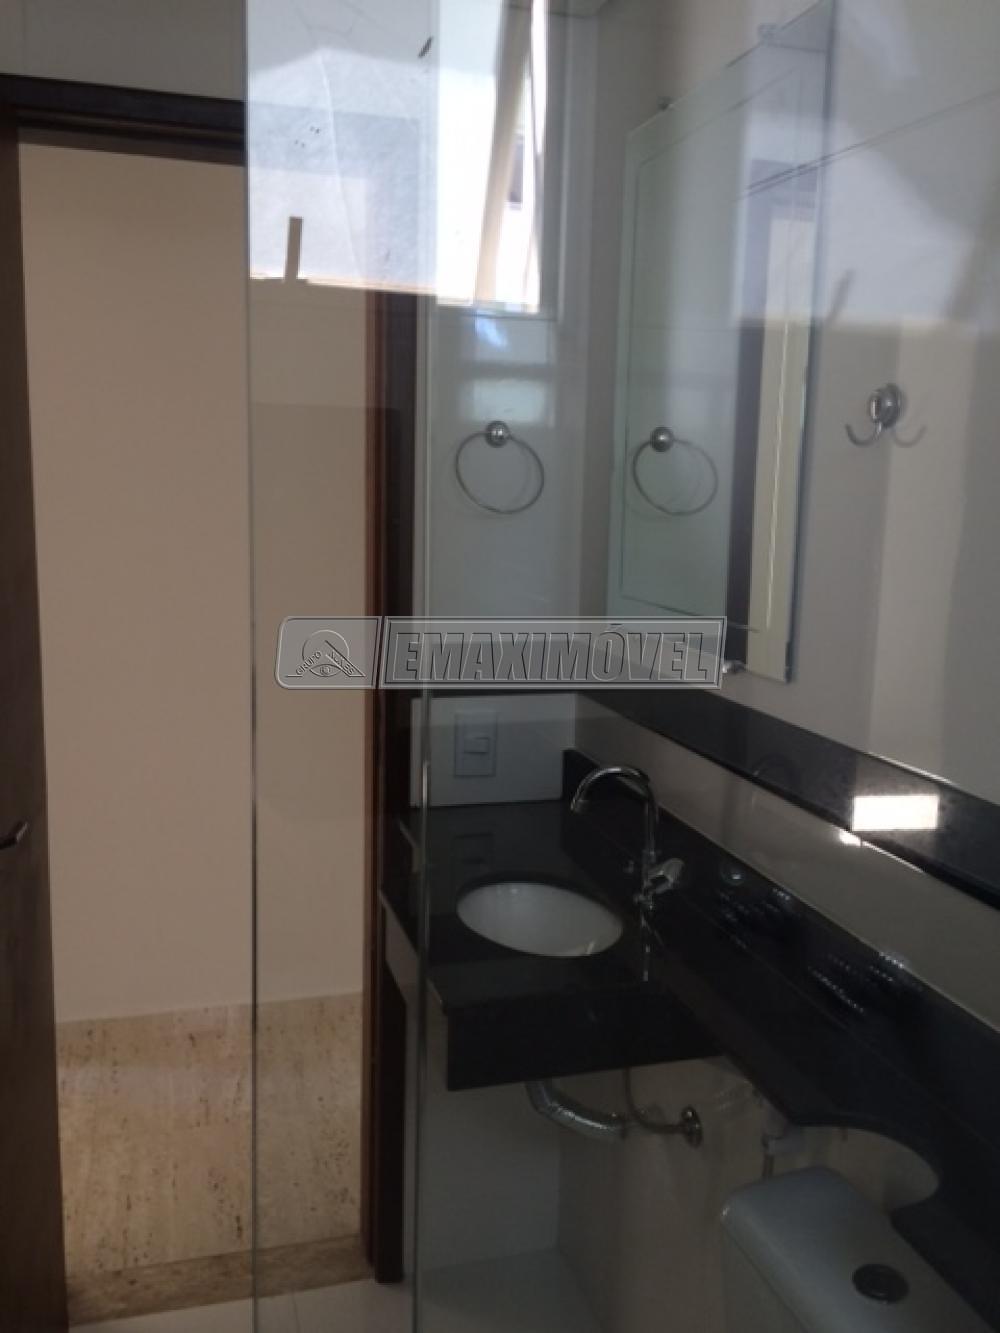 Alugar Apartamentos / Apto Padrão em Votorantim apenas R$ 850,00 - Foto 10